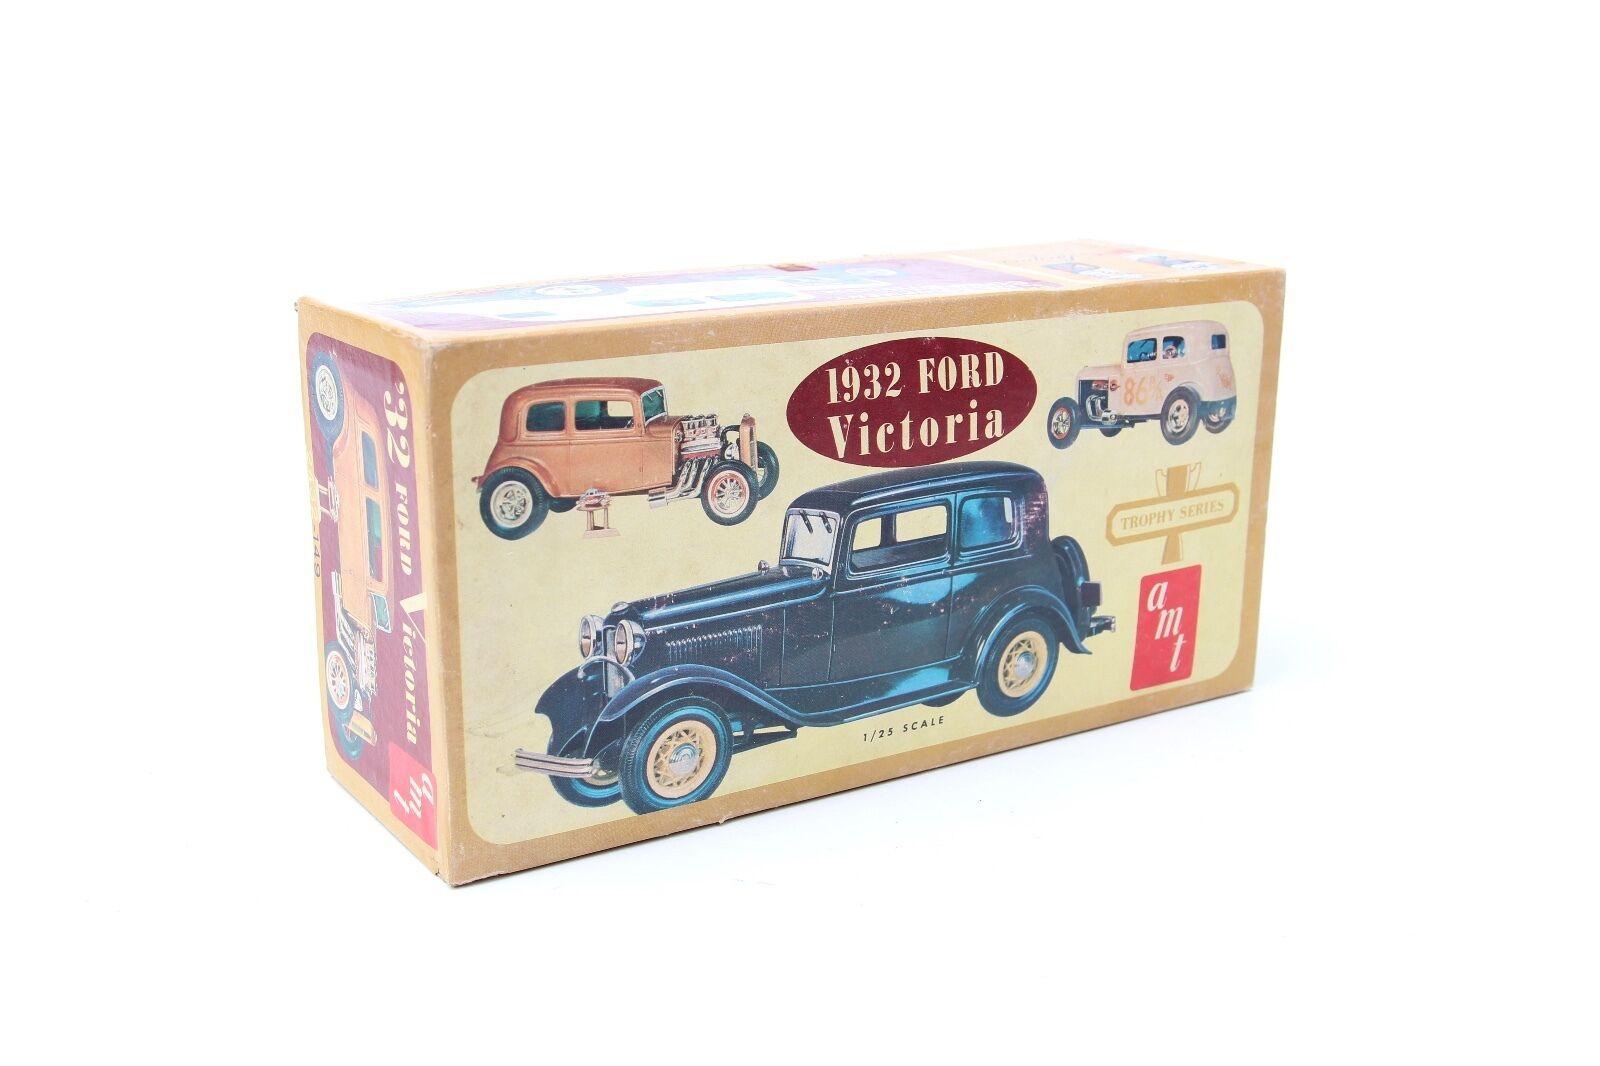 1932 ford victoria trophy serie amt 2432-149 unbebauten 1   25 - skala